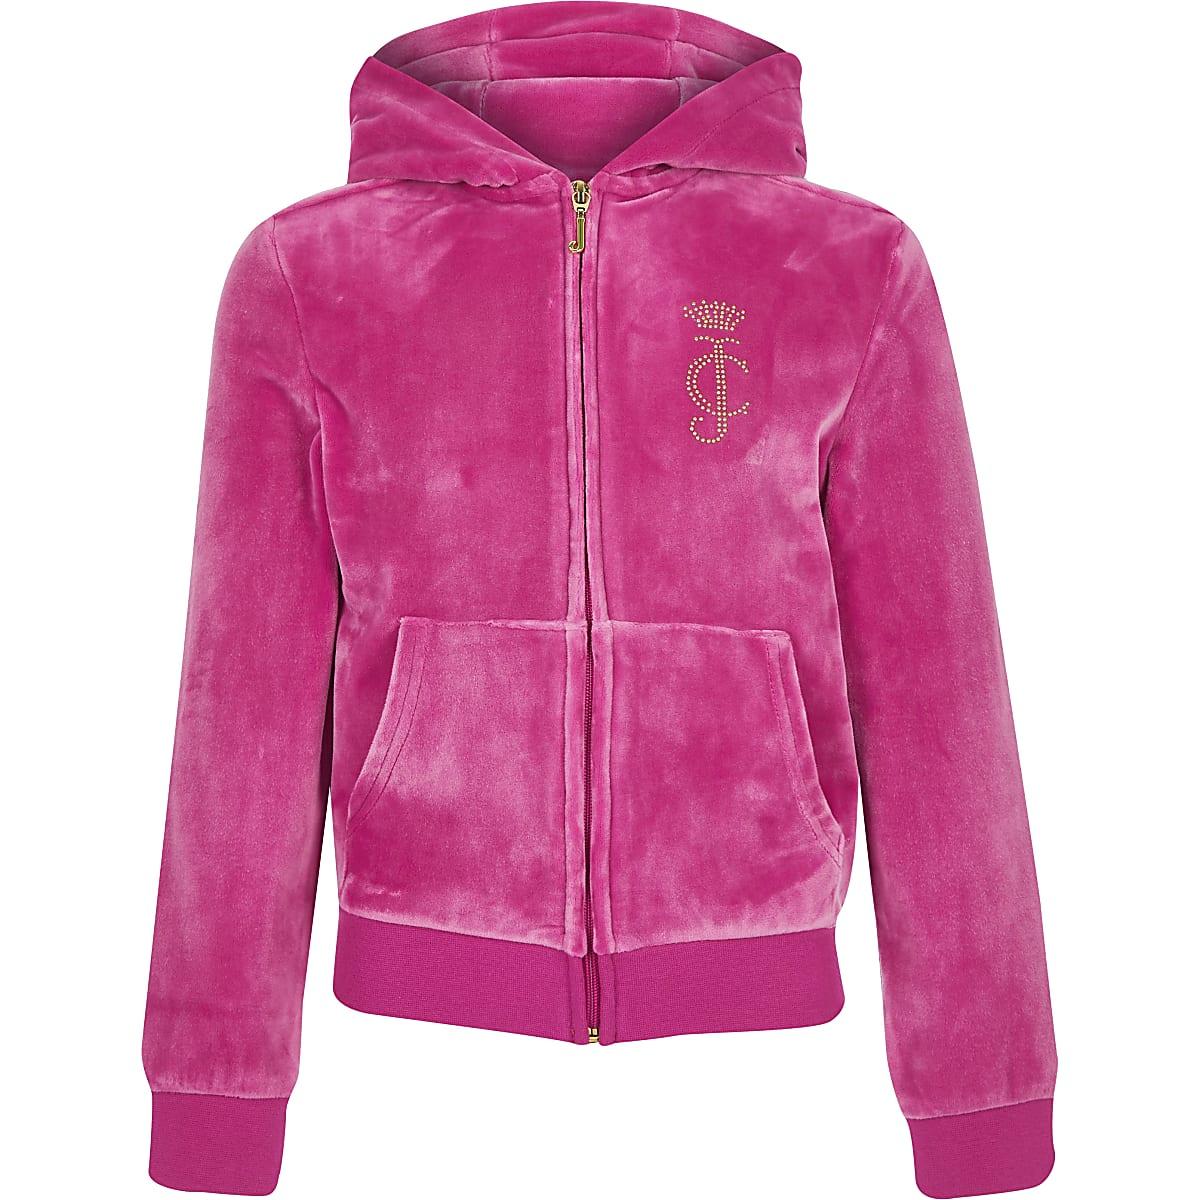 Juicy Couture - Roze trainingstop voor meisjes